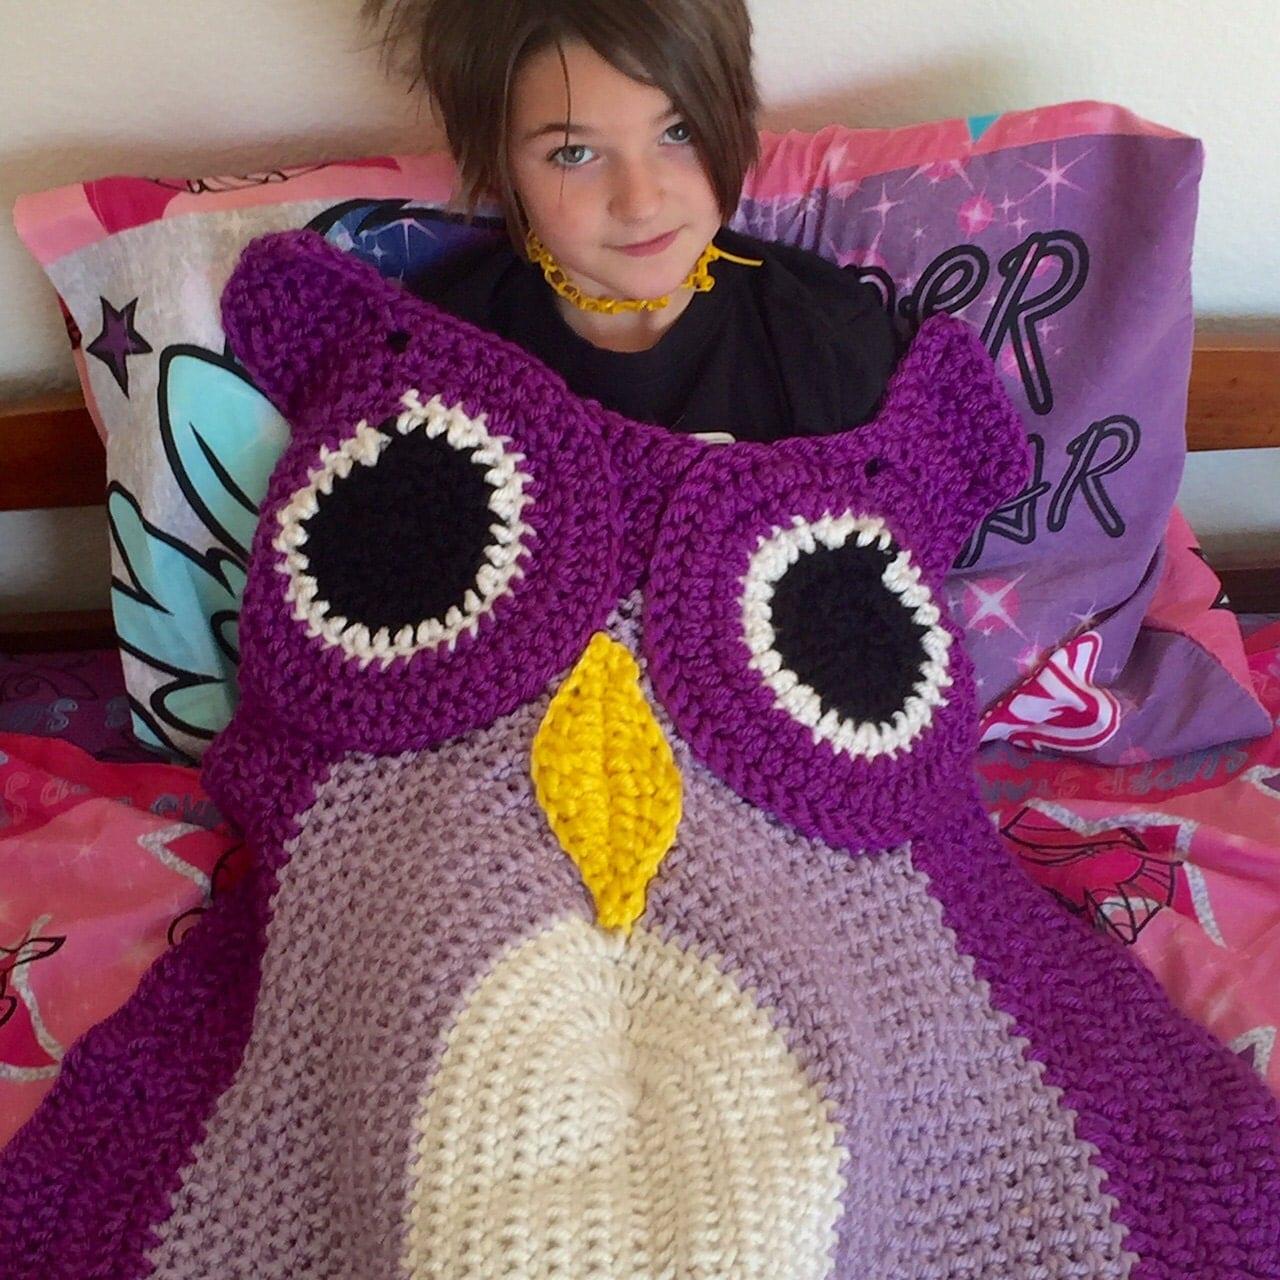 Crochet Owl Blanket : Owl Blanket Crochet Afghan Adult Lapghan Kids by SweetBabyDesi